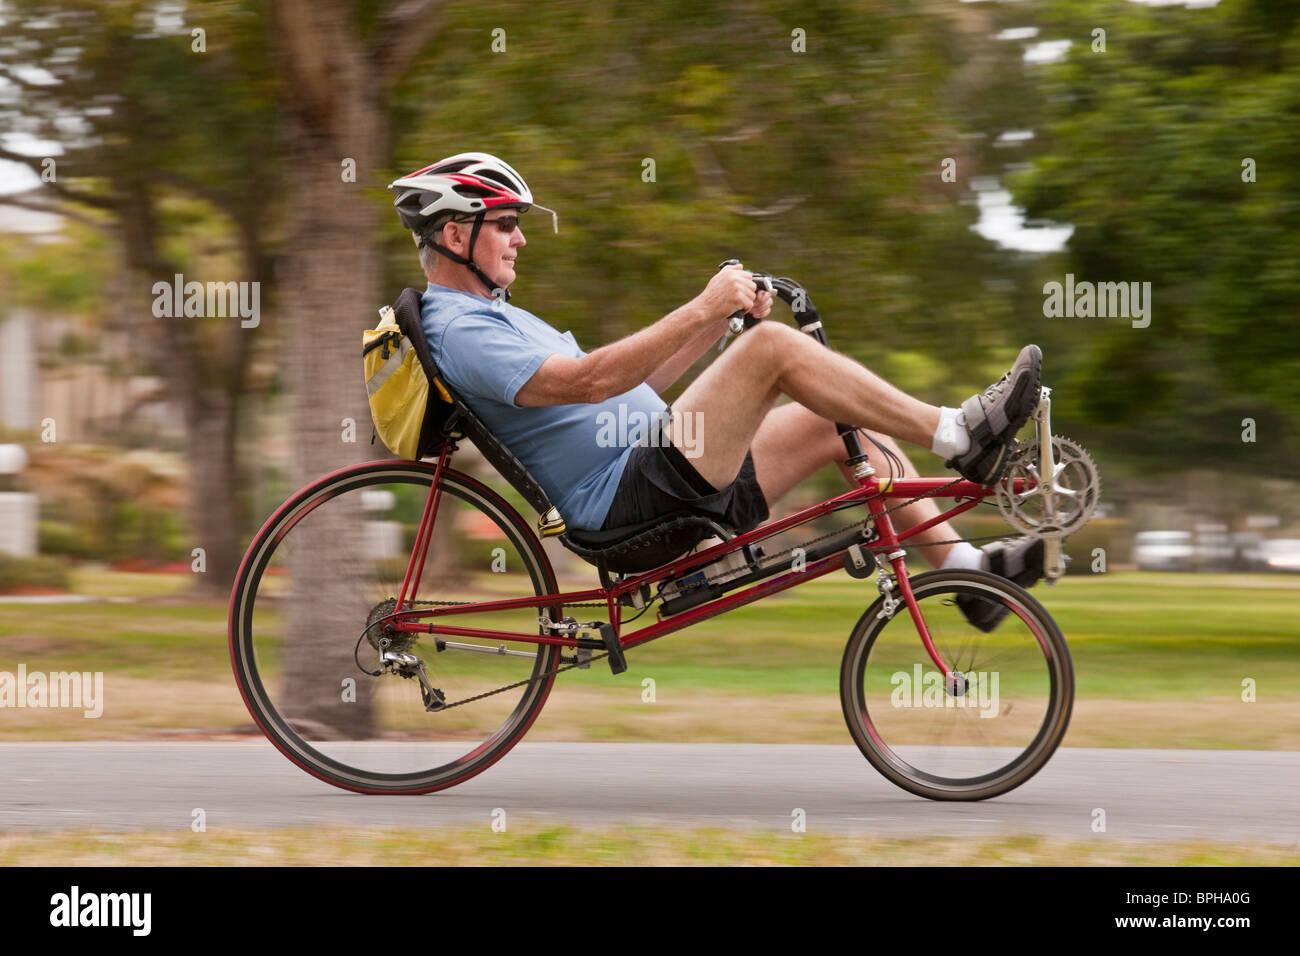 Uomo In Sella Ad Una Bicicletta Reclinata In Un Parco Foto